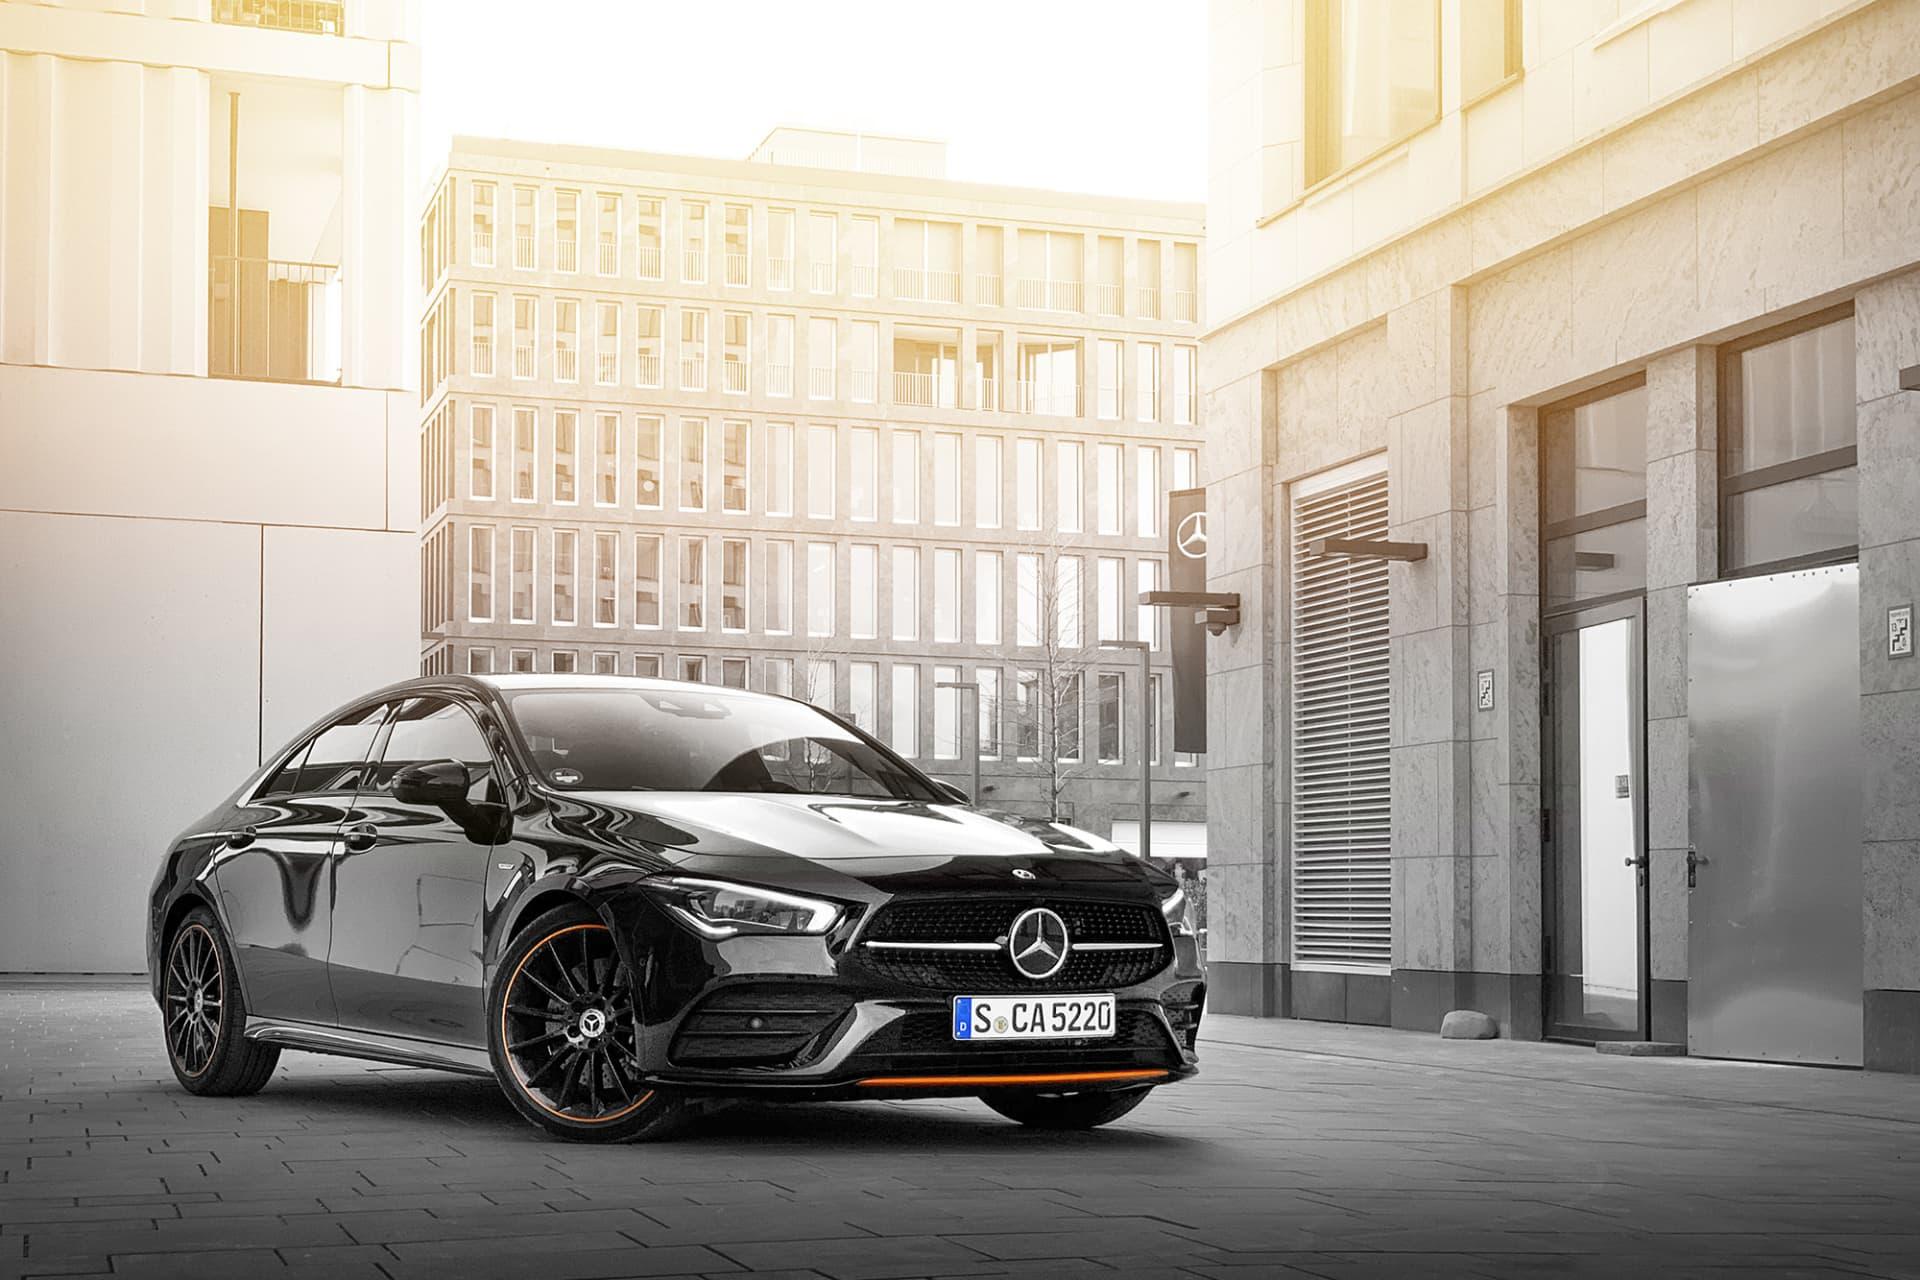 Nya Mercedes CLA känns mer mogen och fulländad än sin föregångare. Formerna har förfinats och tekniken slipats.